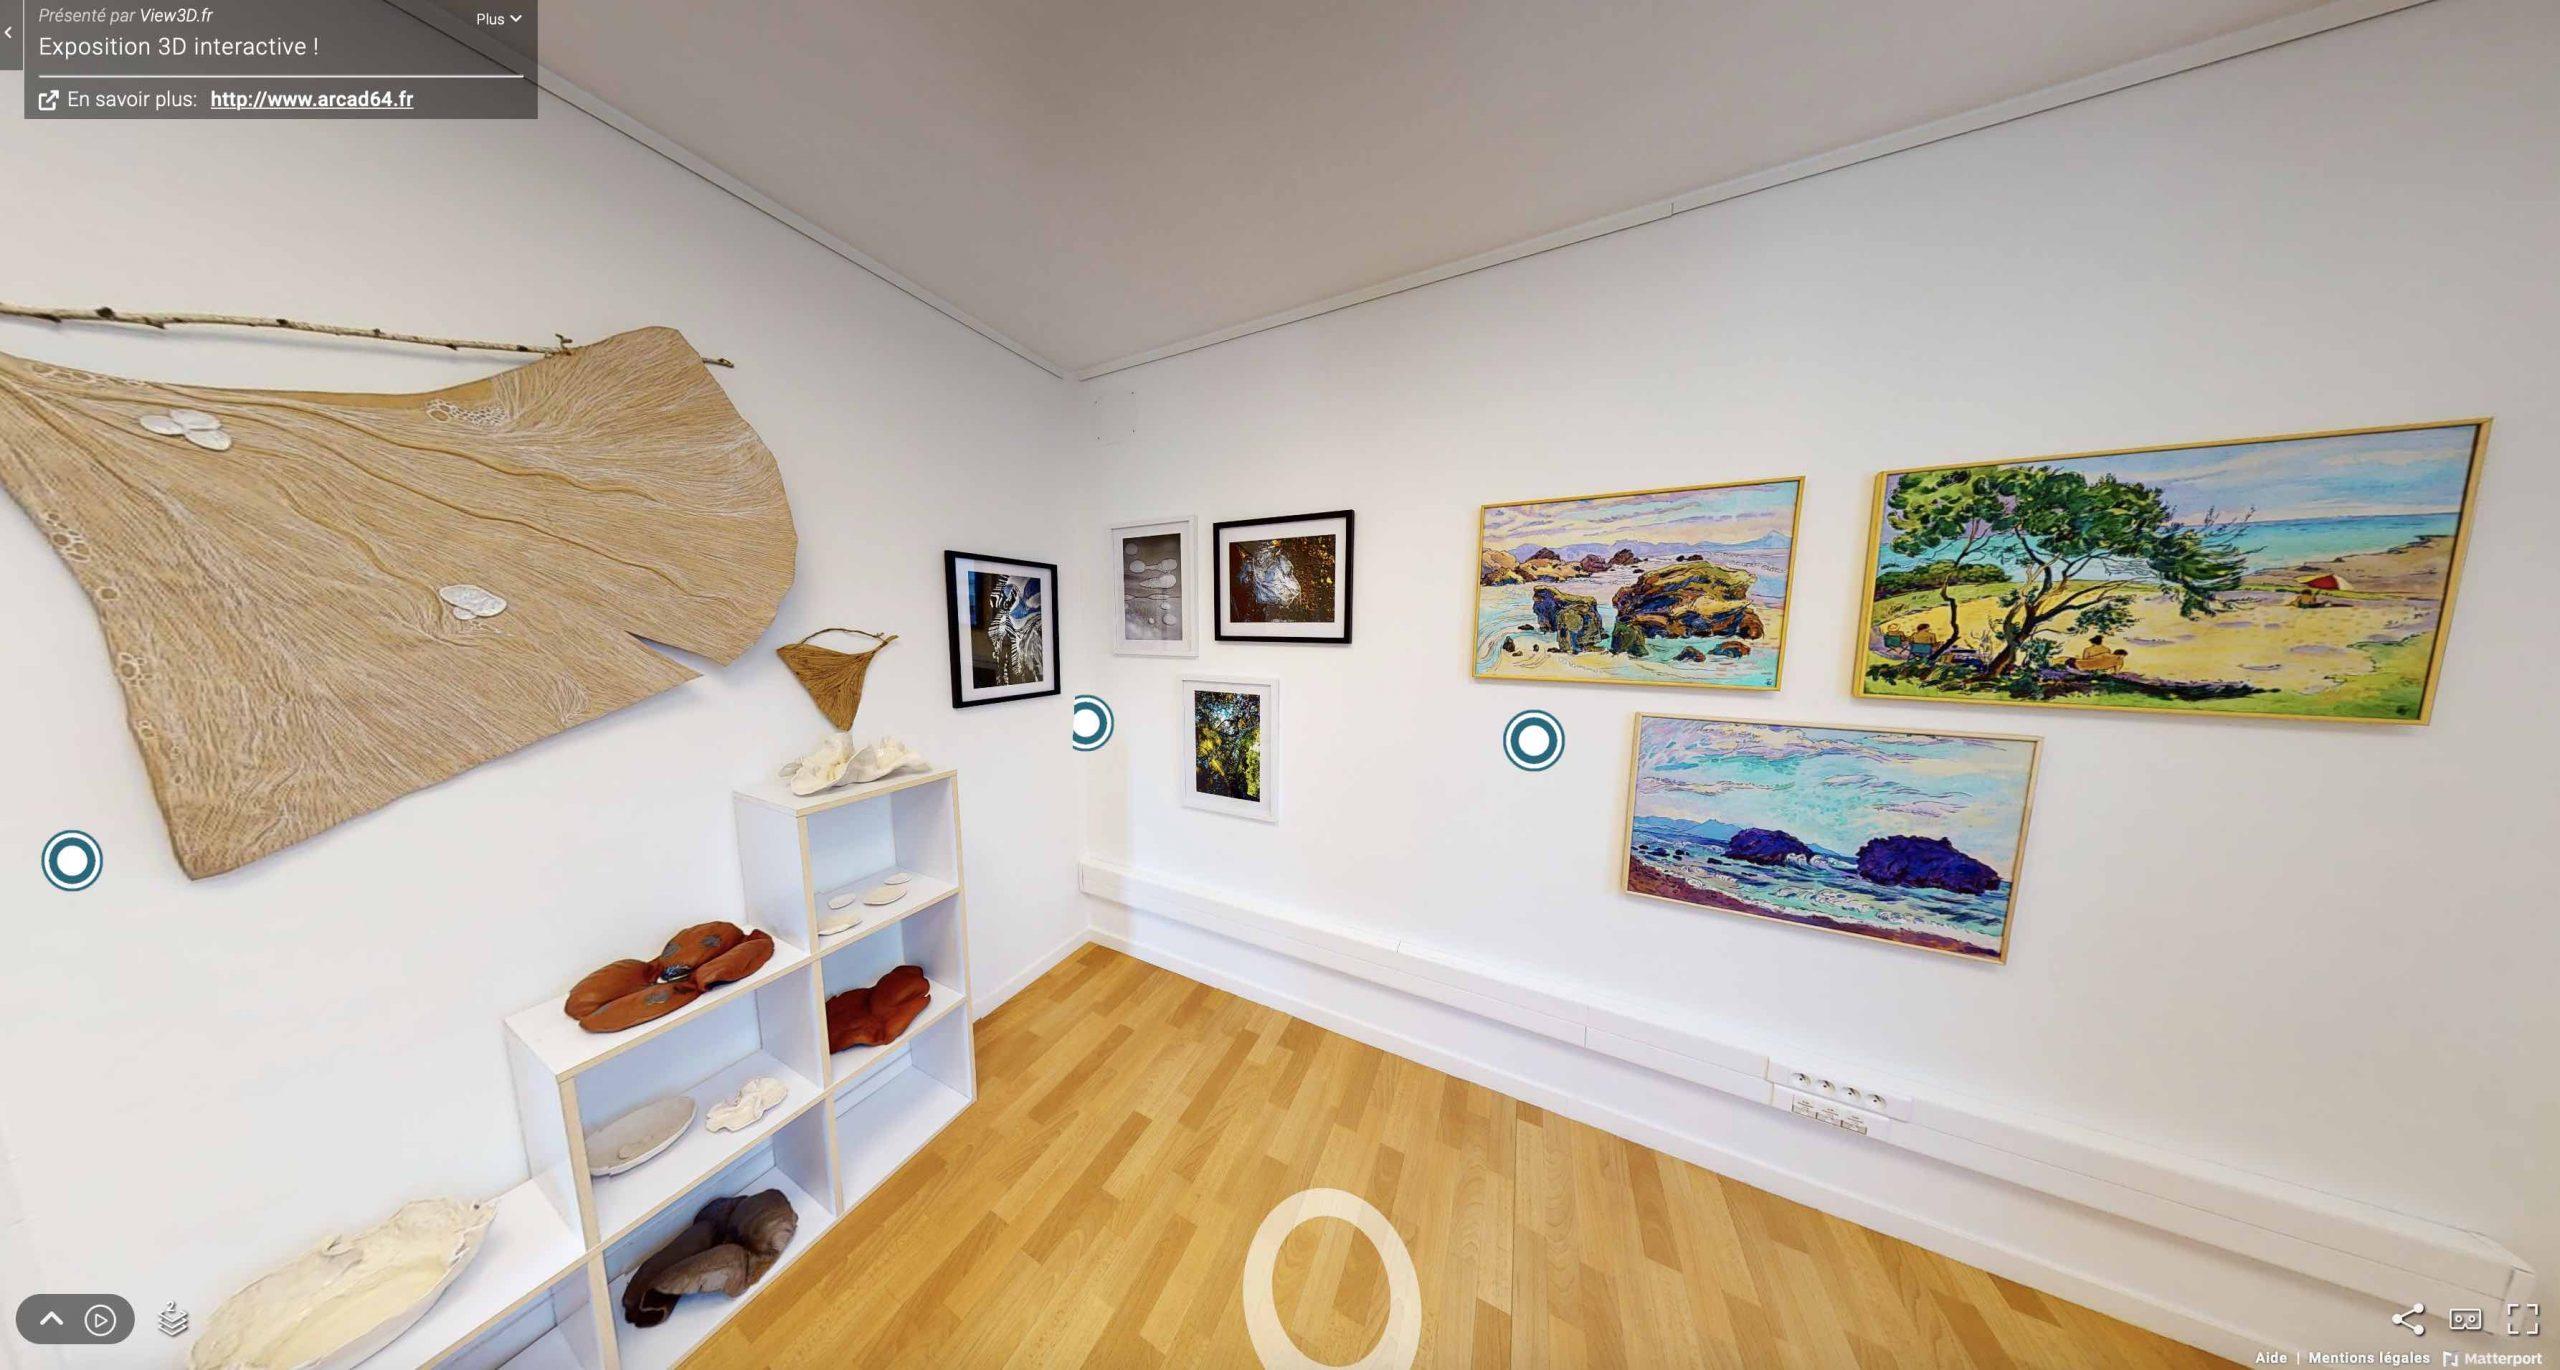 La visite virtuelle au service des musées, galeries d'arts et exposition